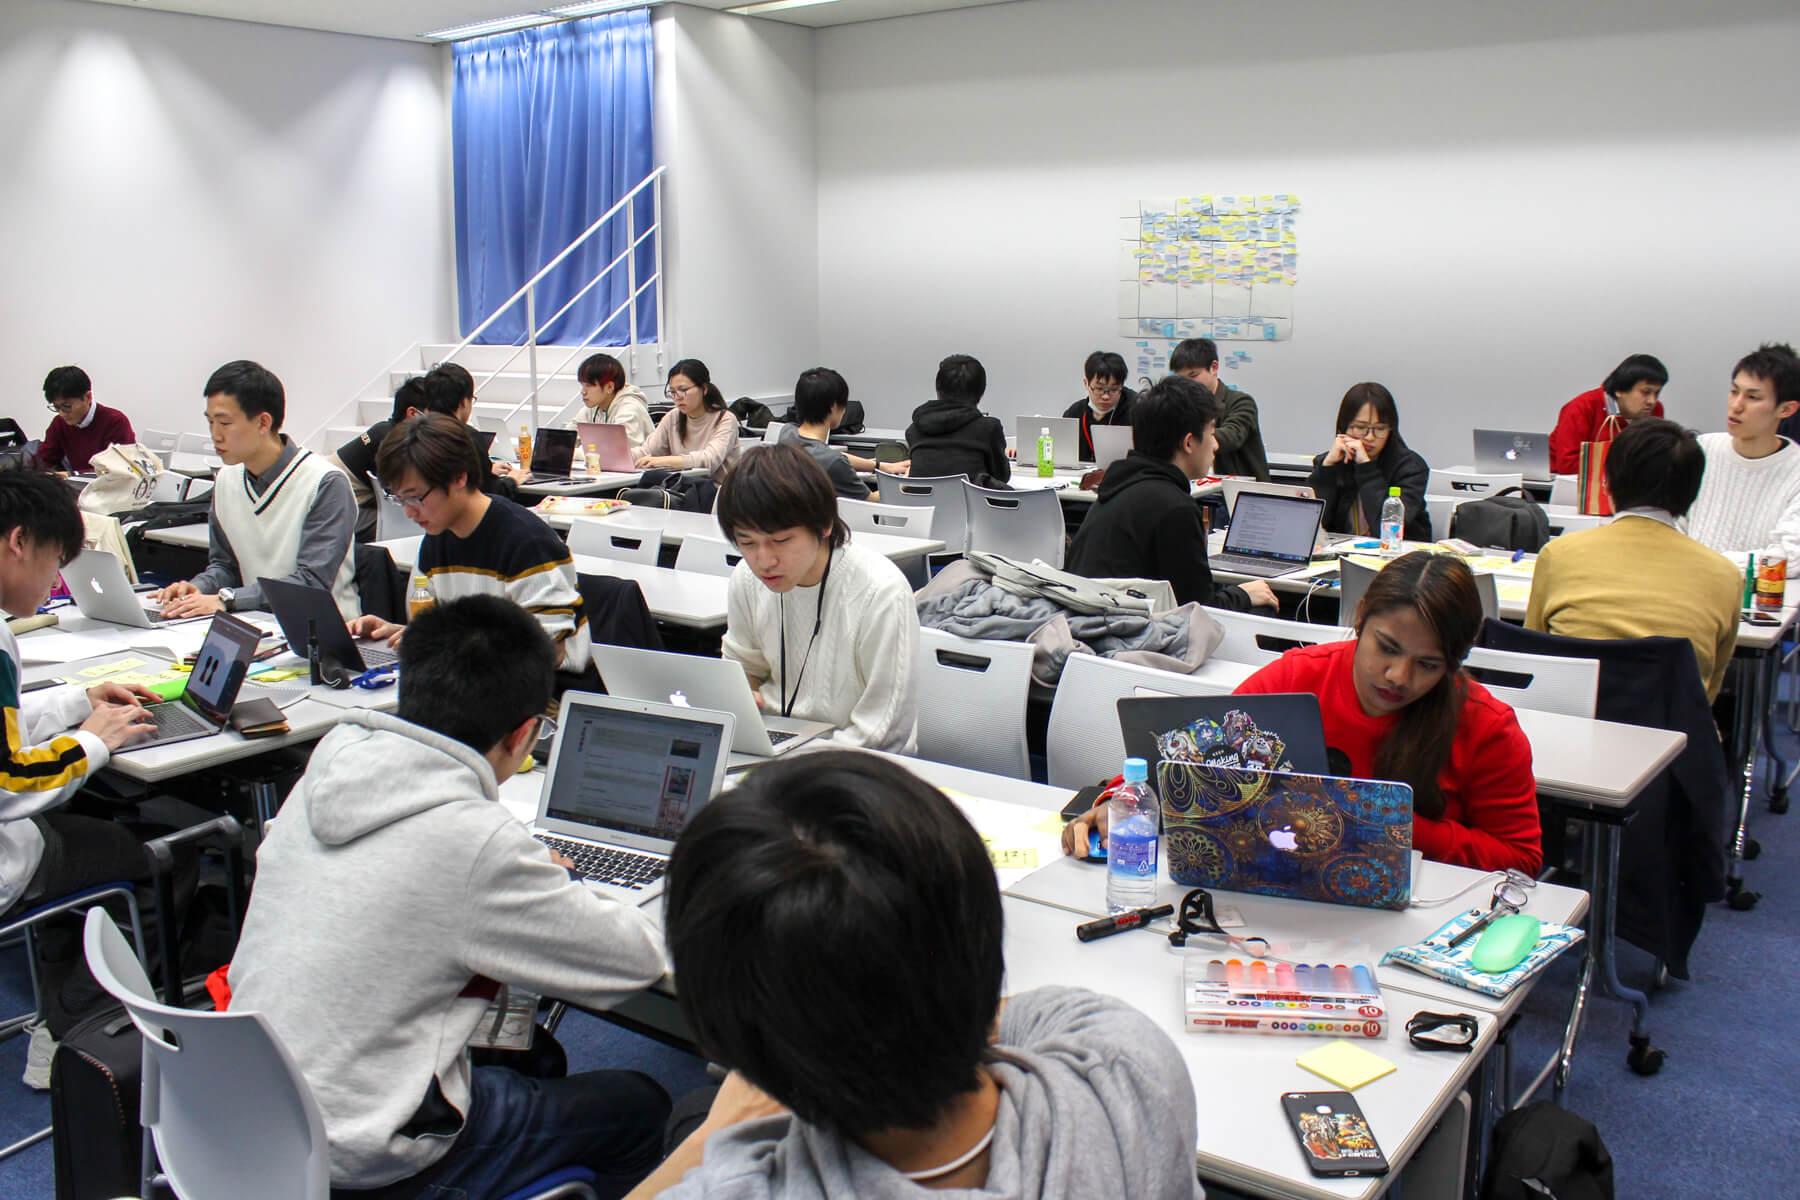 トライデント コンピュータ 専門 学校